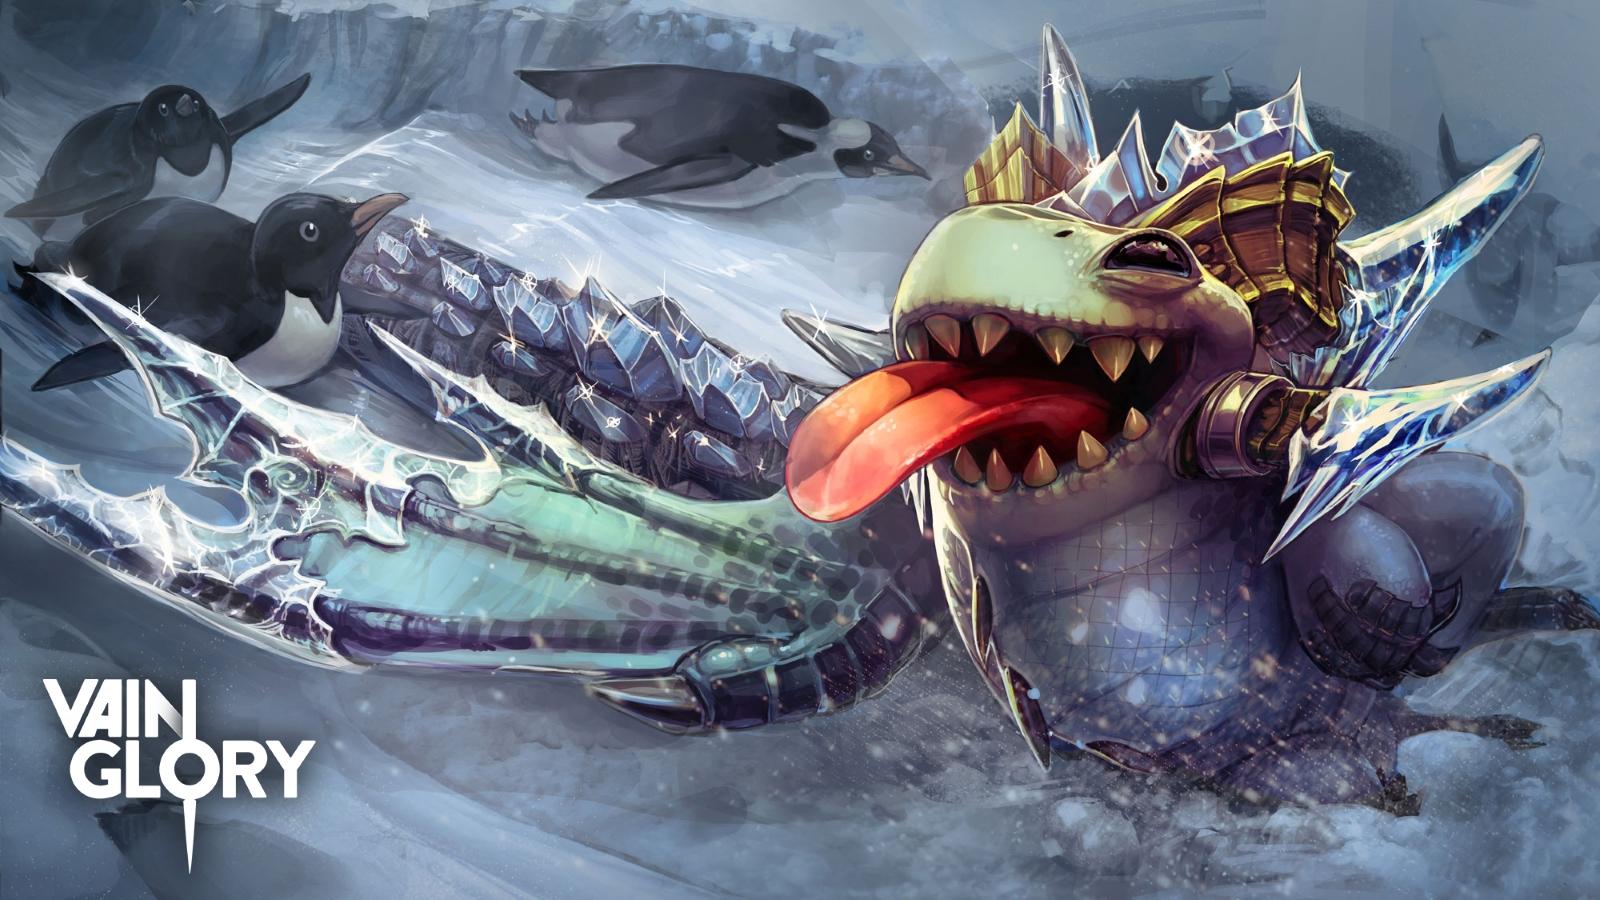 Vainglory Infinity Skaarf Tier 3 Art